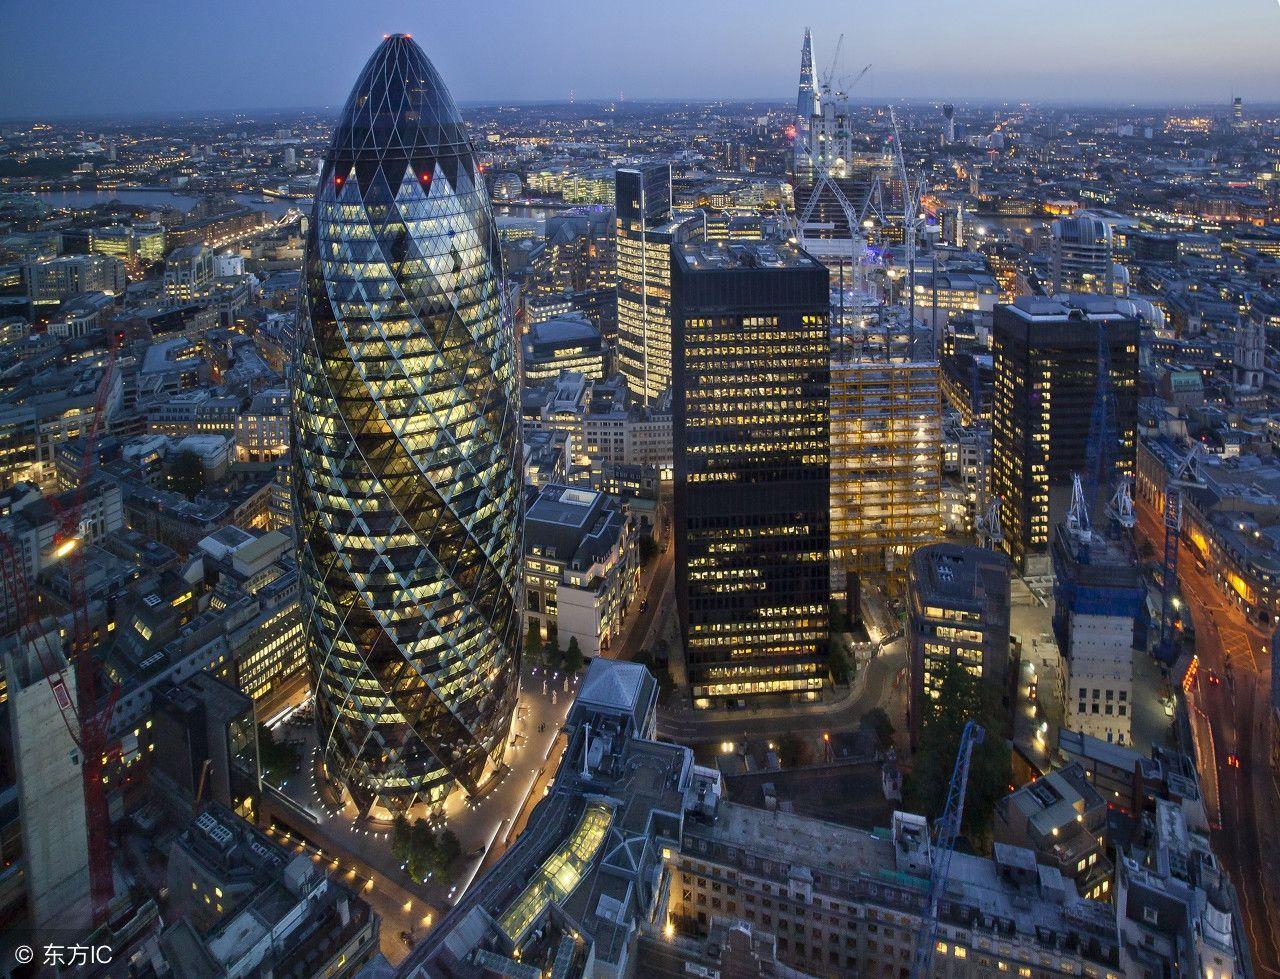 全球九大一线城市权威排名,伦敦纽约位居第一